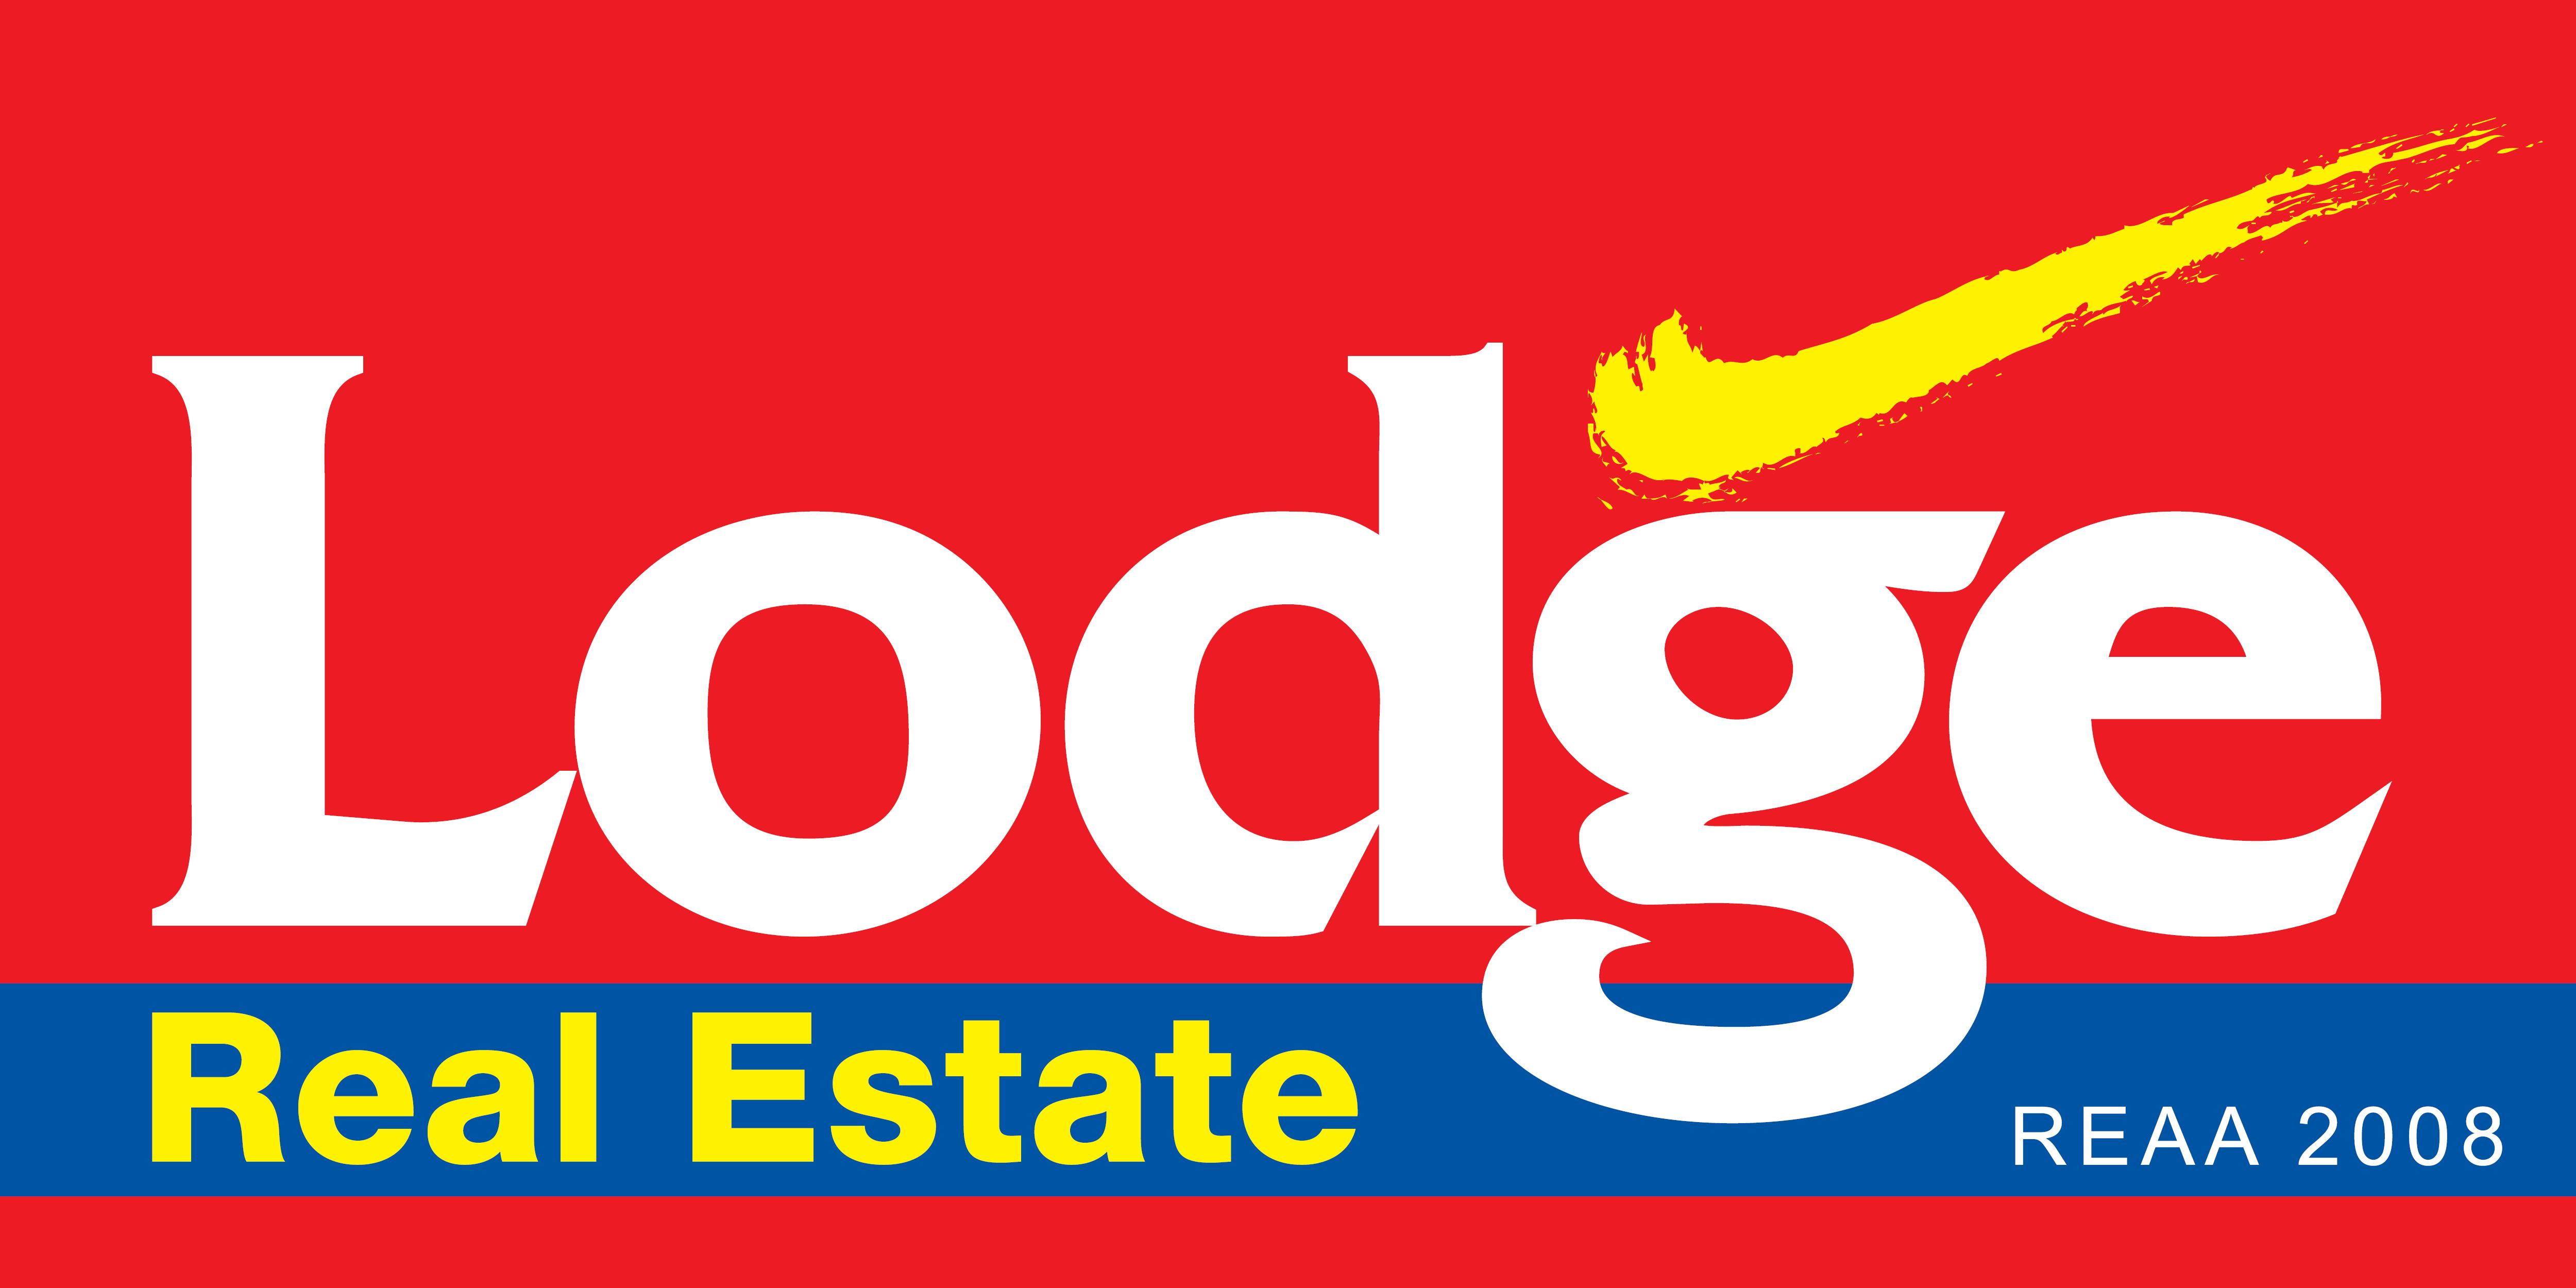 Lodge Real Estate - Hamilton East